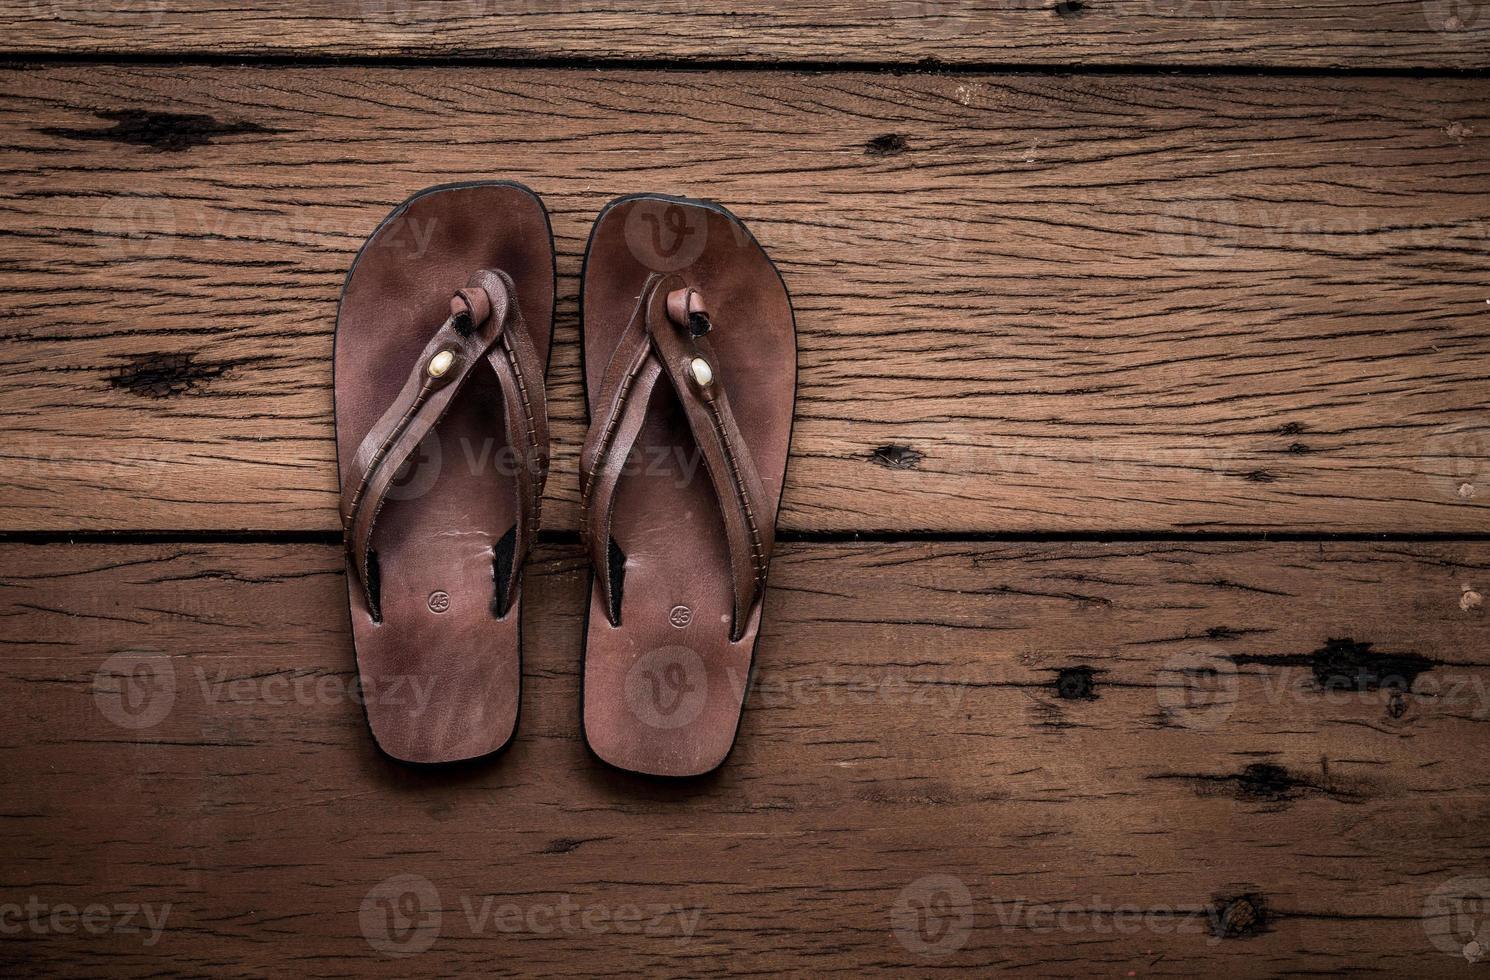 sandales en cuir sur fond de bois ancien photo